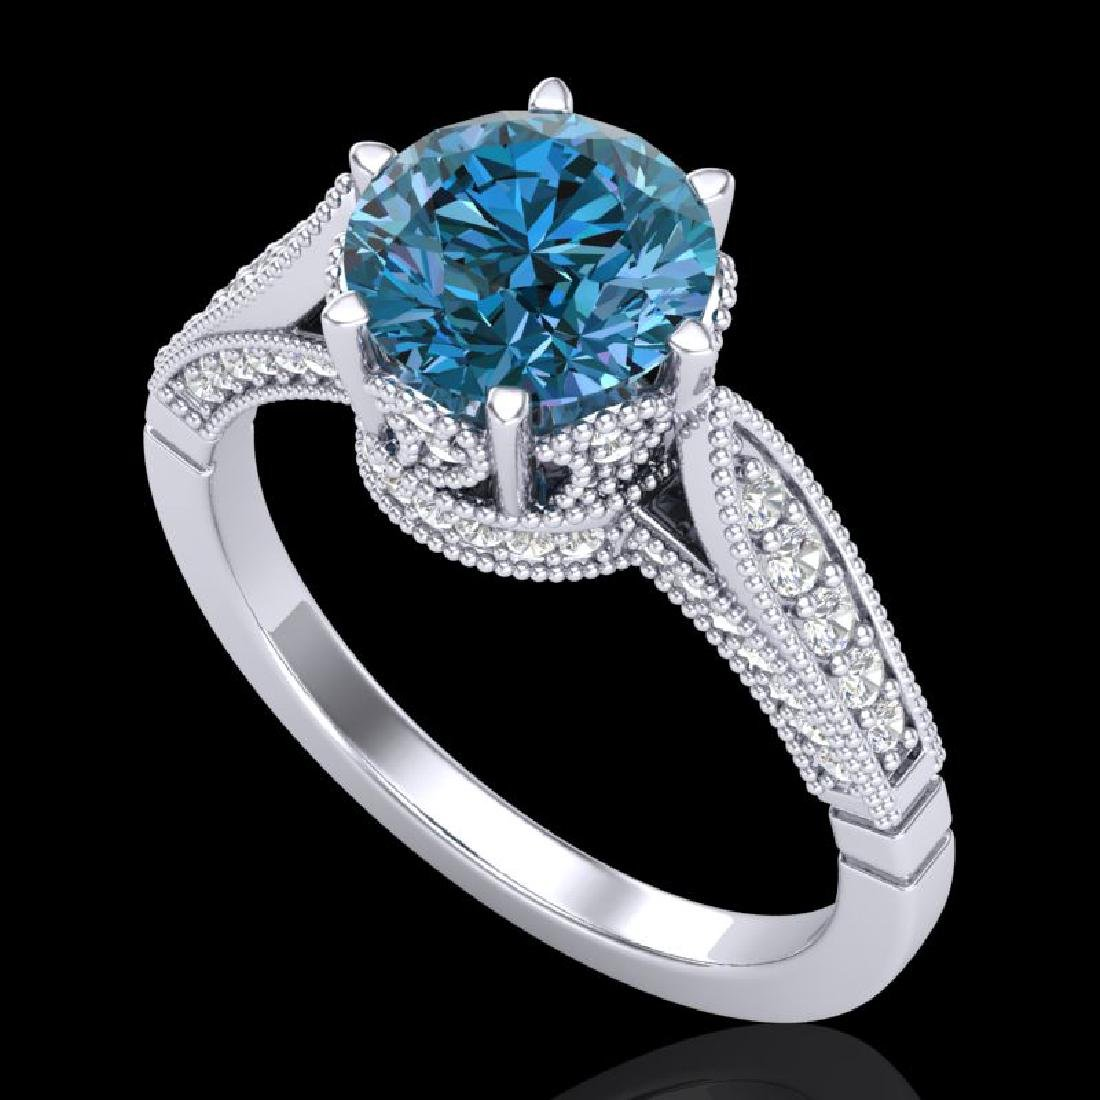 2.2 CTW Intense Blue Diamond Solitaire Engagement Art